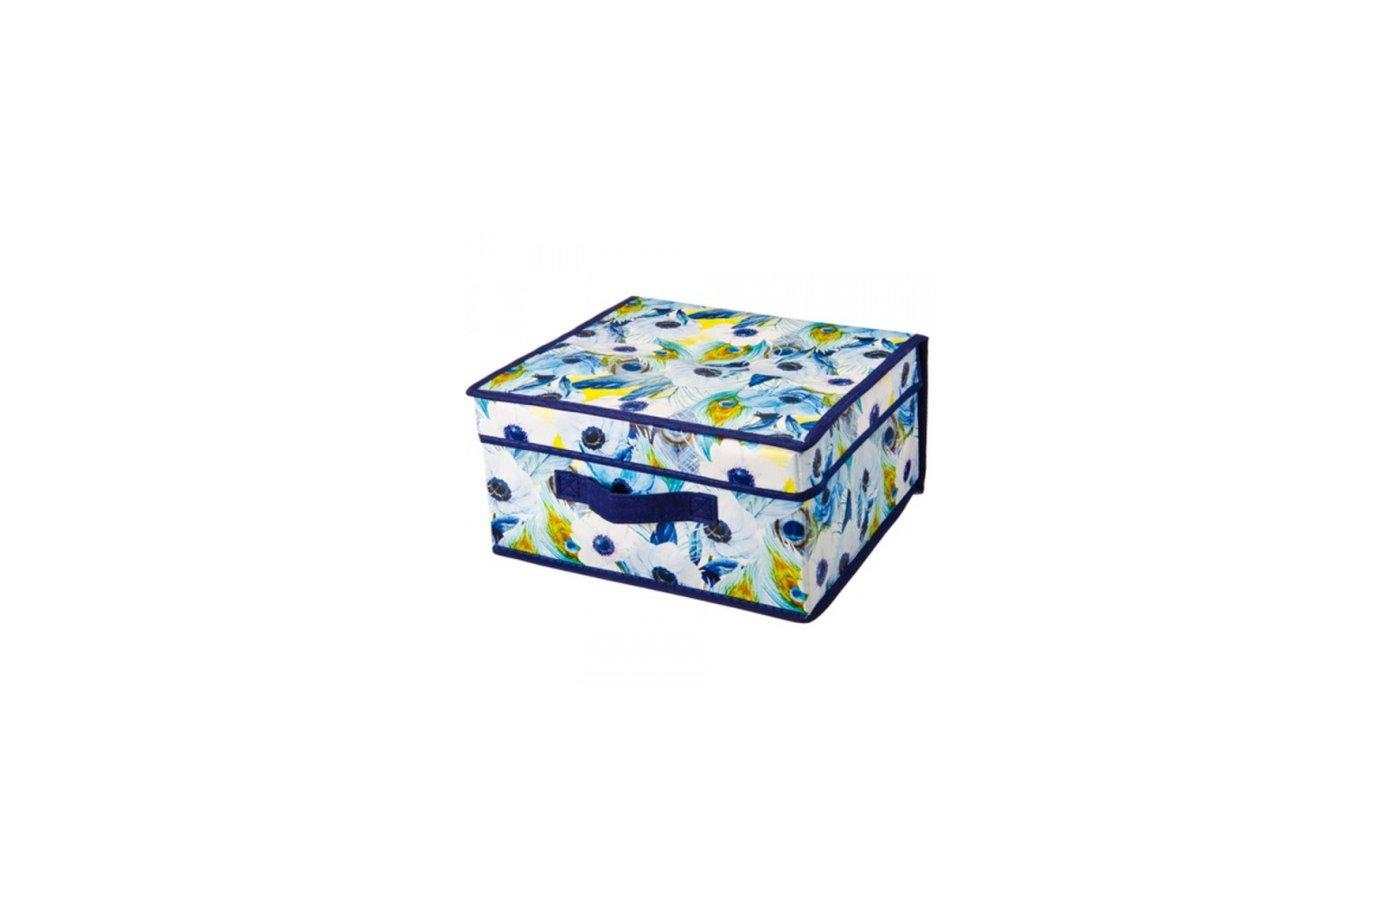 Емкости для хранения одежды VETTA 457-283 Кофр-короб для хранения